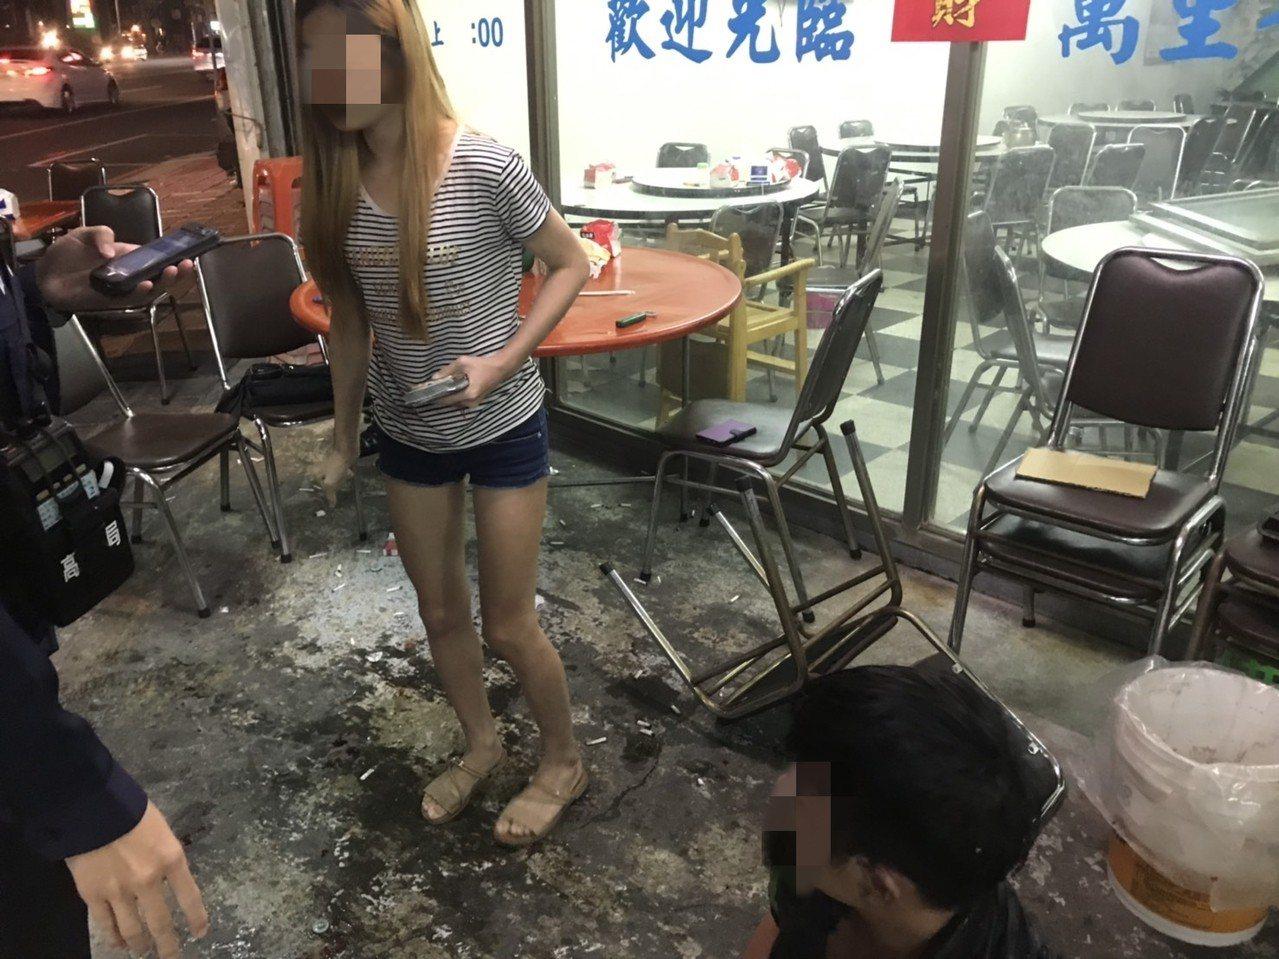 2朋友為付帳起衝突,海產店前一片狼藉。記者林保光/翻攝